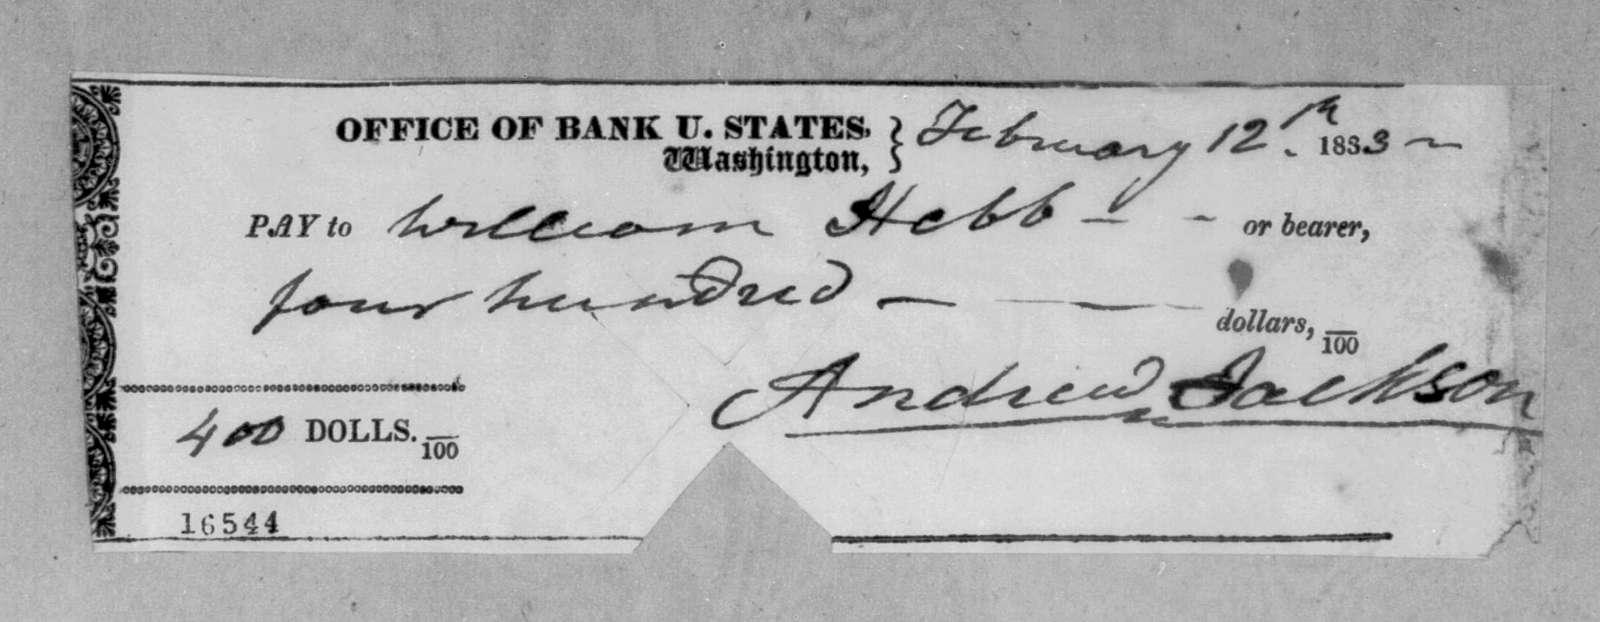 Andrew Jackson to William Hebb, February 12, 1833